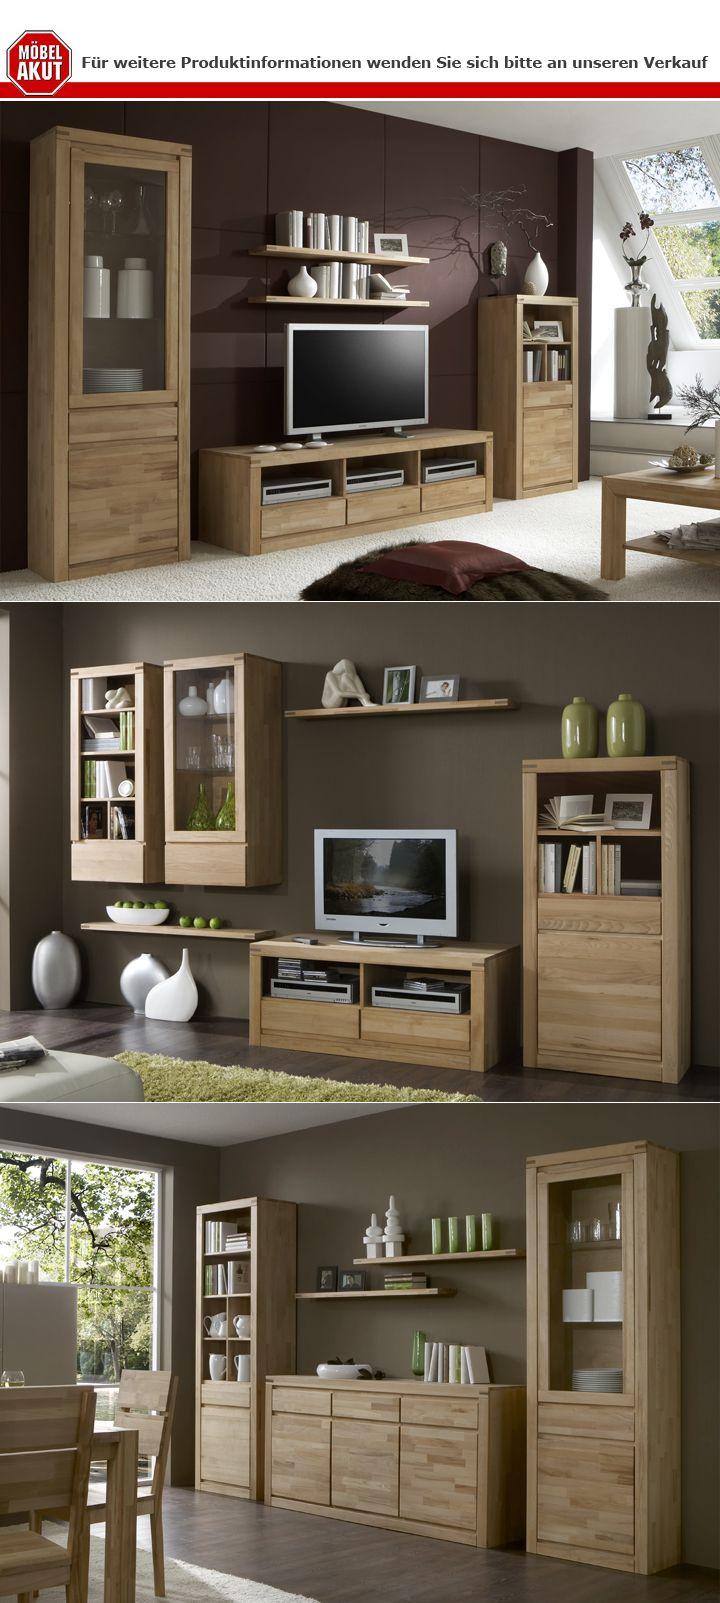 kommode delft 6242 kernbuche massiv ge lt breite 120 cm. Black Bedroom Furniture Sets. Home Design Ideas